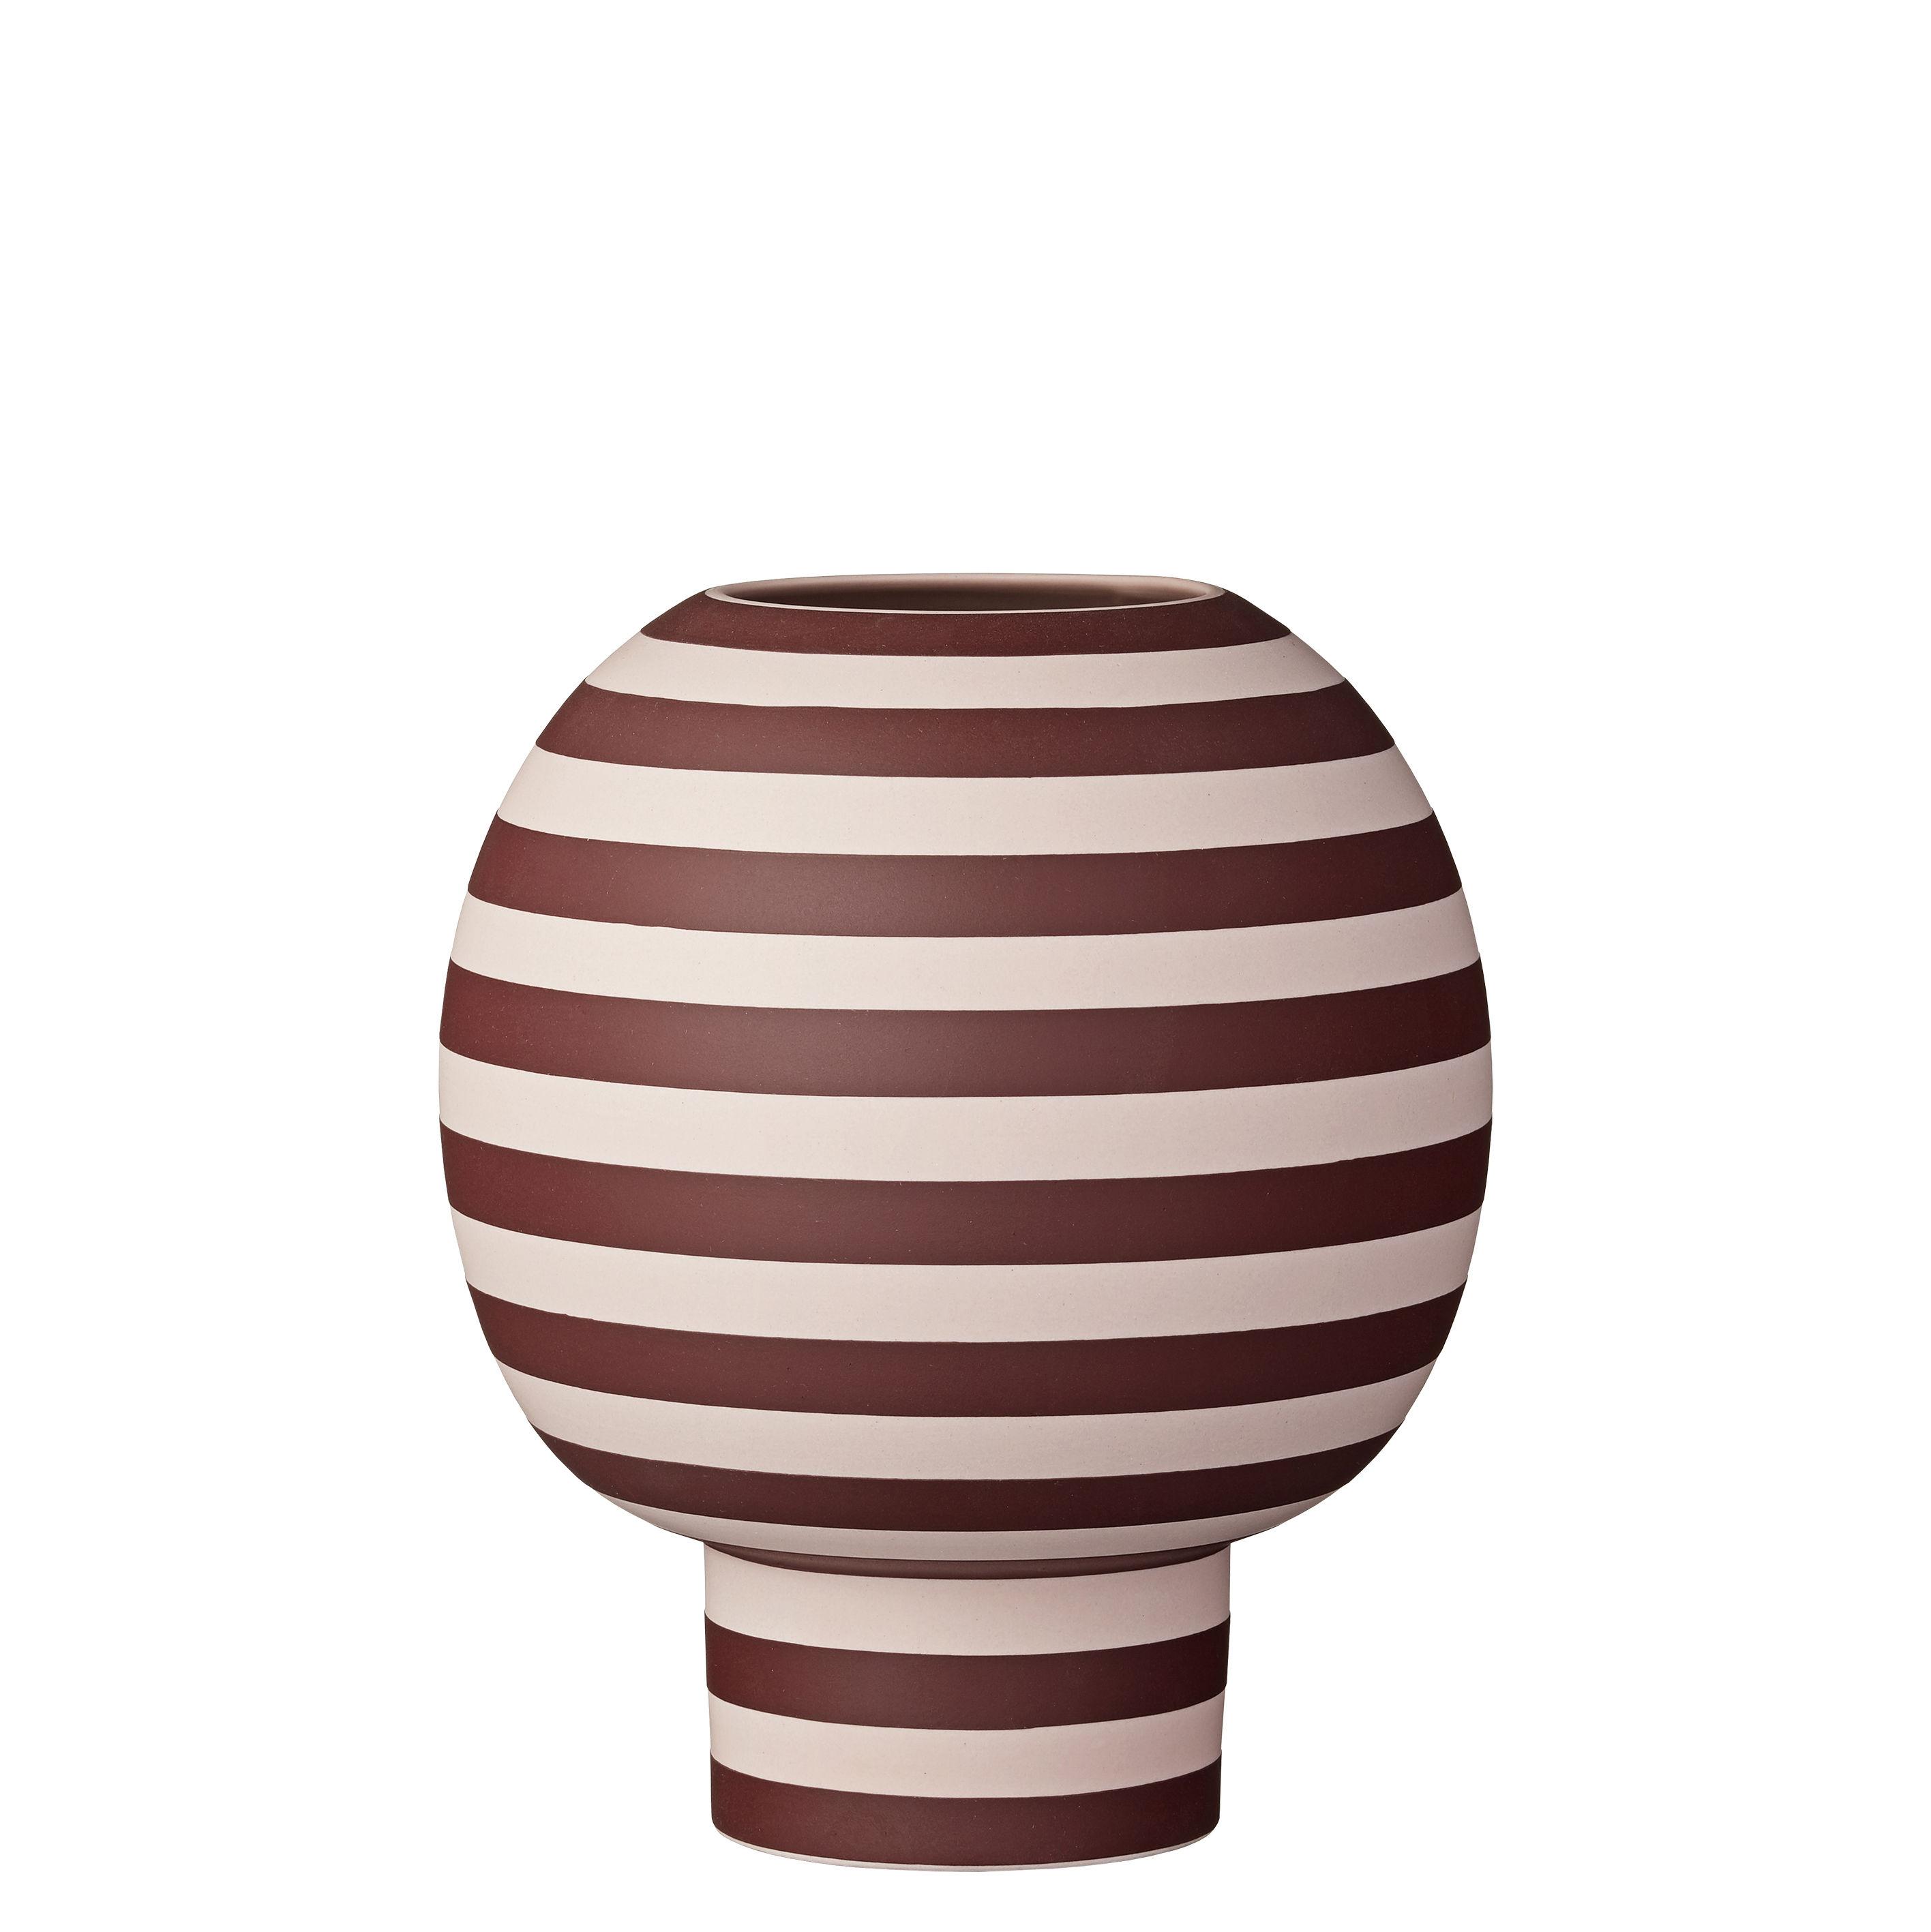 Déco - Vases - Vase Varia / Grès - Ø 18 x H 21 cm - AYTM - Rayé rose & bordeaux - Grès